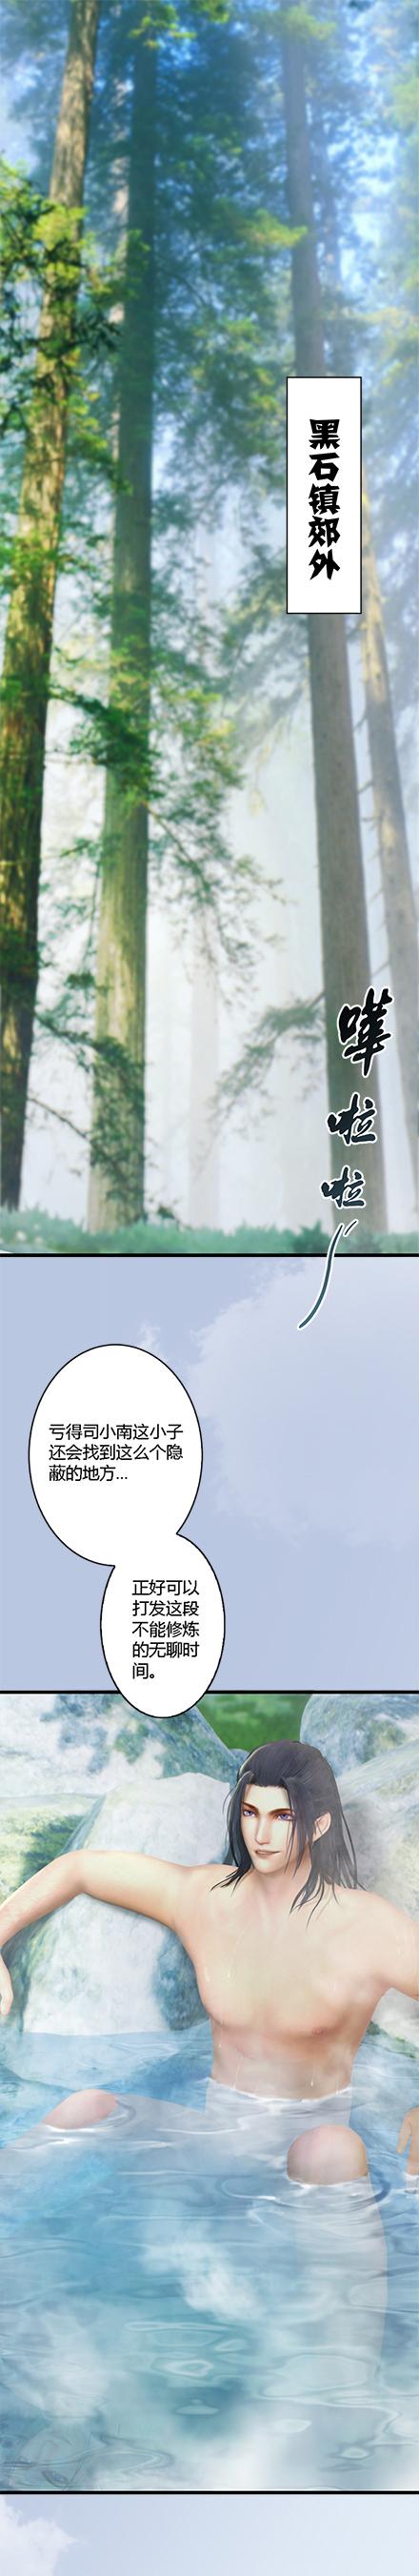 《堕玄师》第20话: 温泉池初相会,出来混迟早要还的~